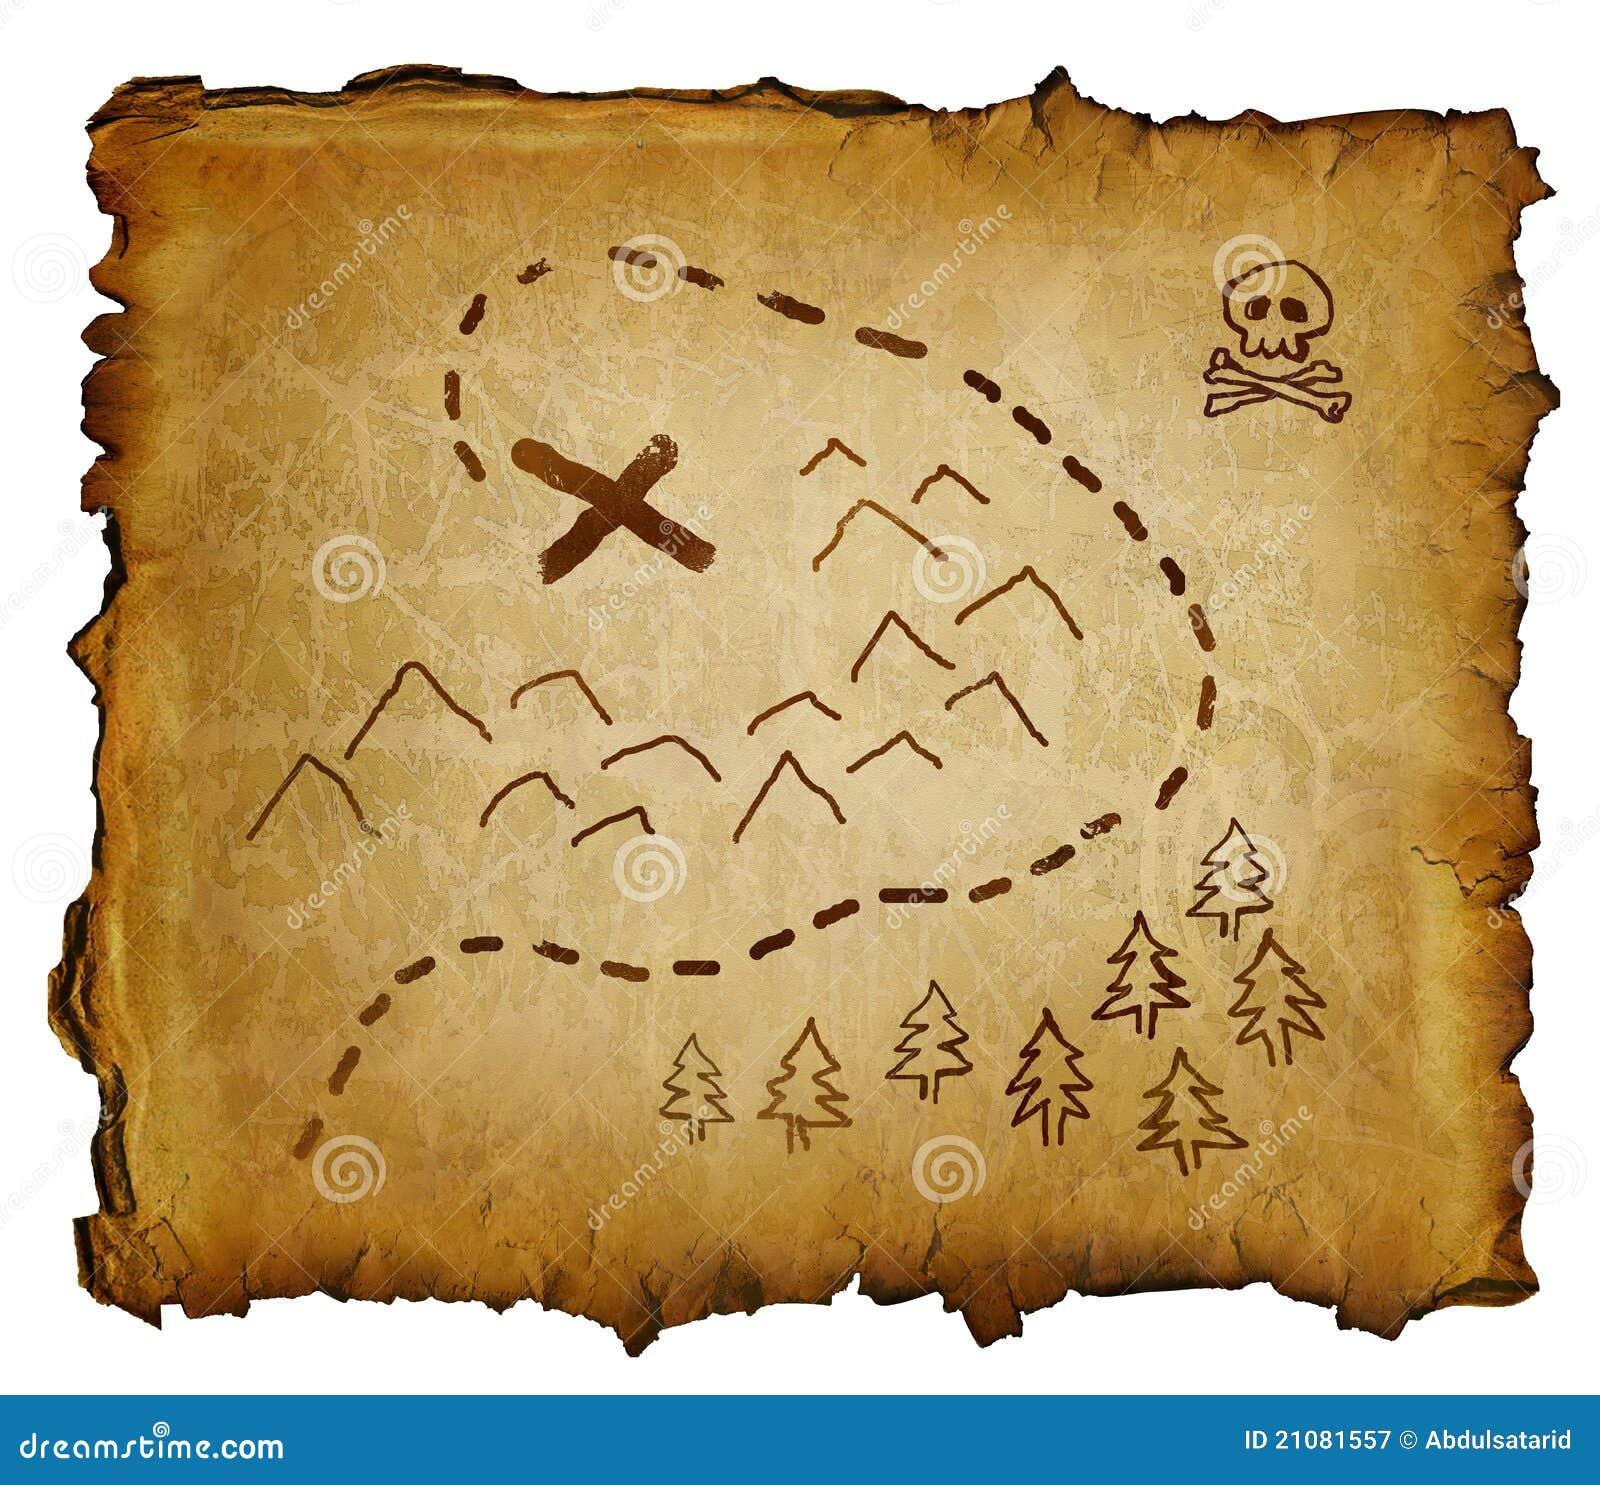 Coloring page x marks the spot -  Colouring Pages Pergamino Con El Mapa Del Tesoro Y Cr Neo Y Bandera Pirata Marcas X